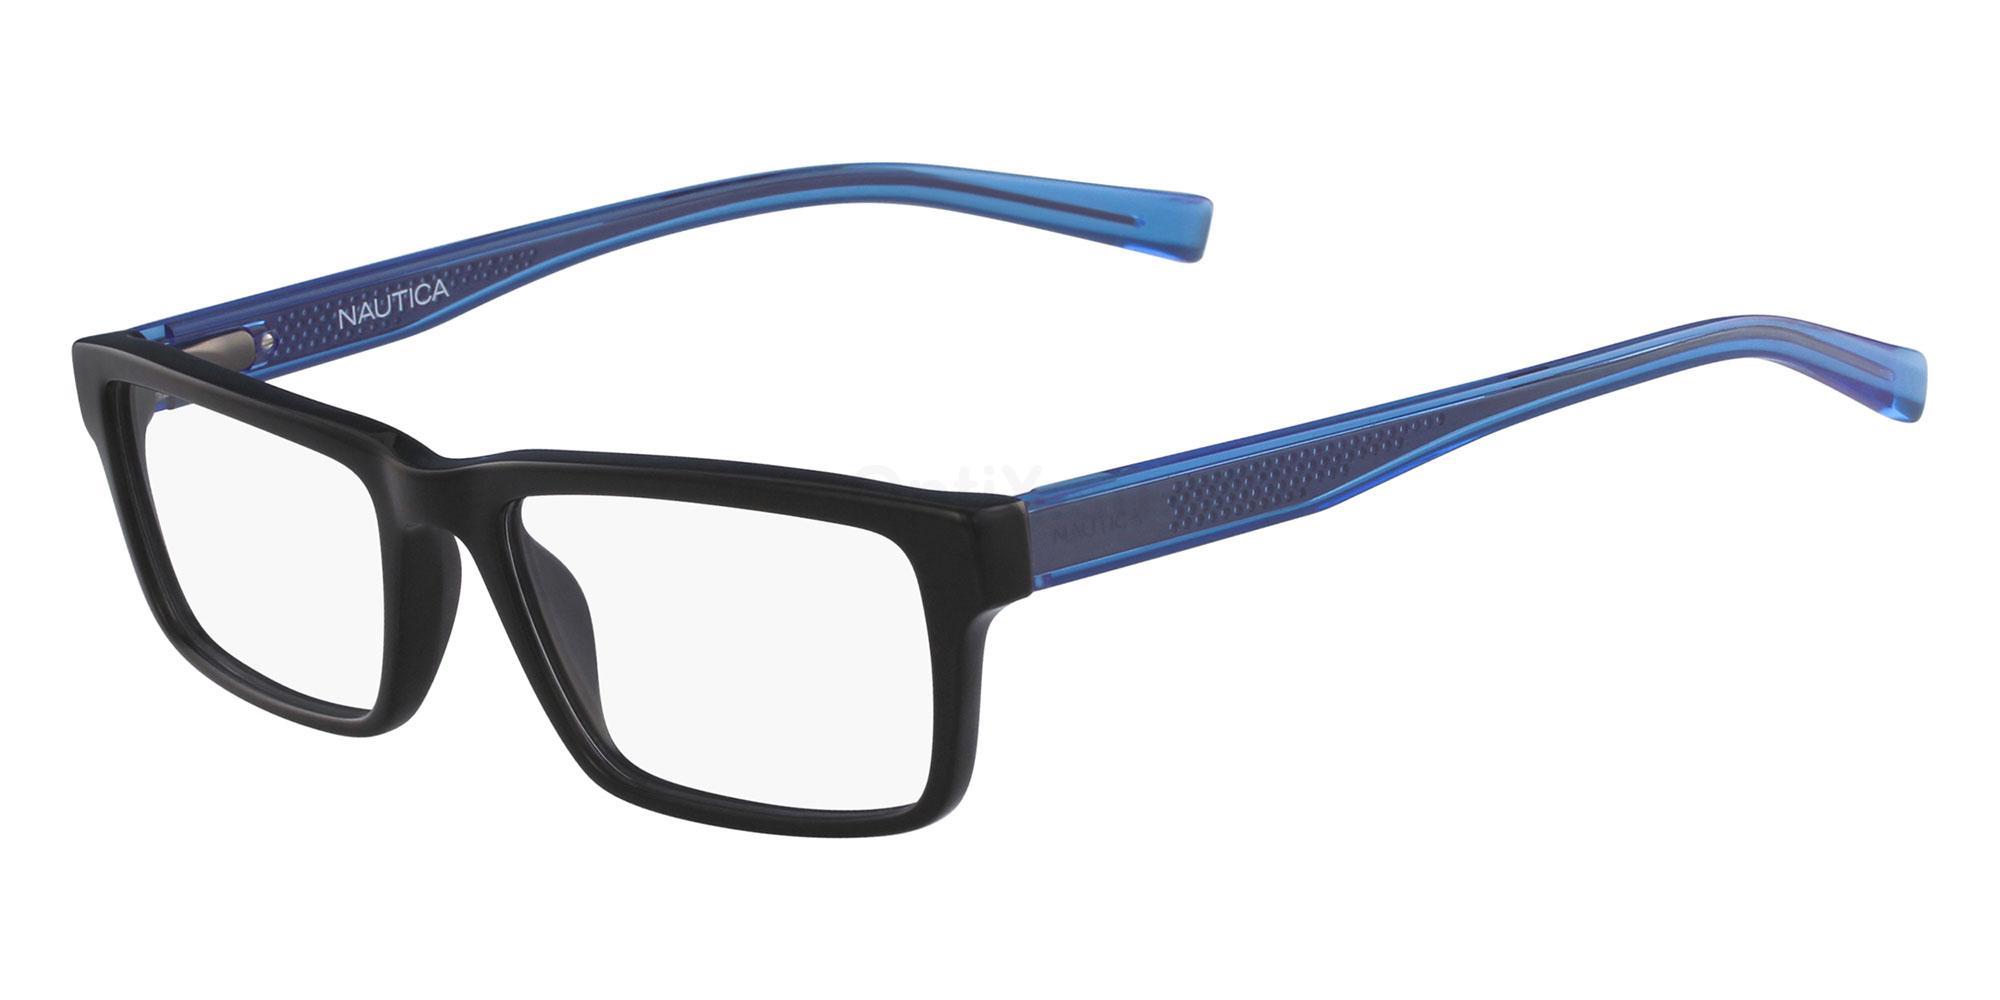 001 N8140 Glasses, Nautica